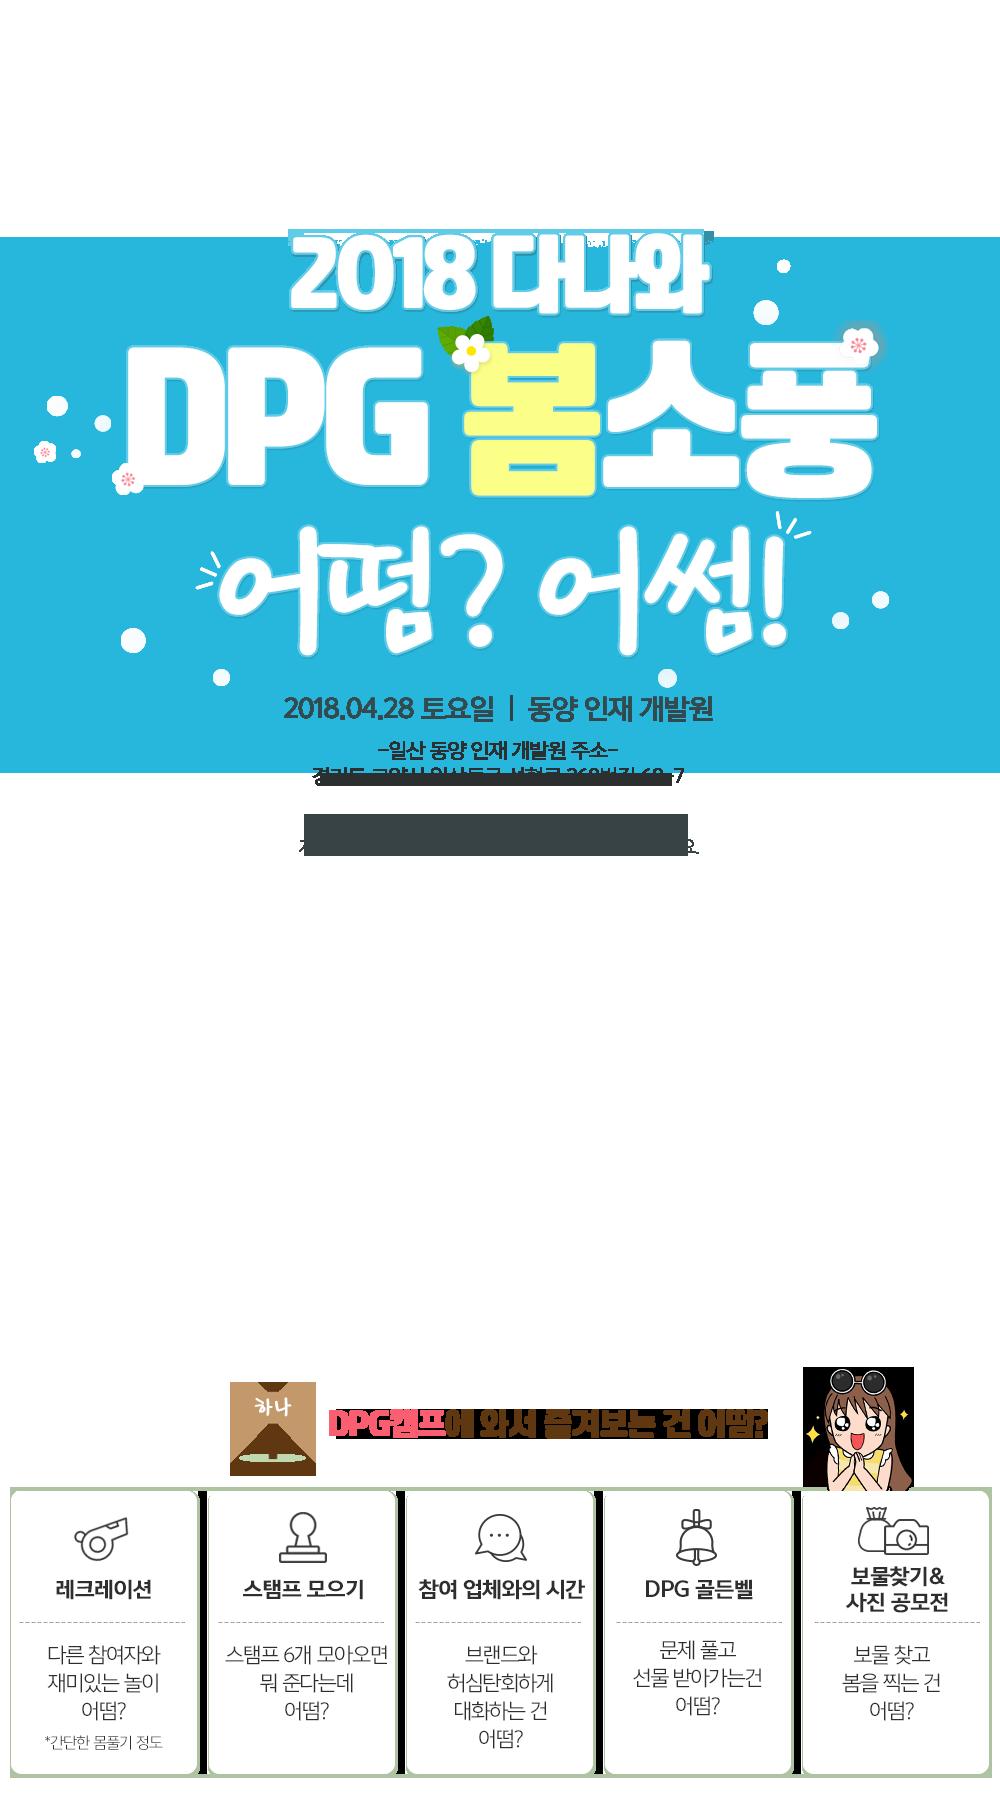 2018 다나와 DPG 봄소풍 어떰? 어썸! 2018.04.28 토요일/동양 인재 개발원, 하나-DPG캠프에 와서 즐겨보는 건 어떰?